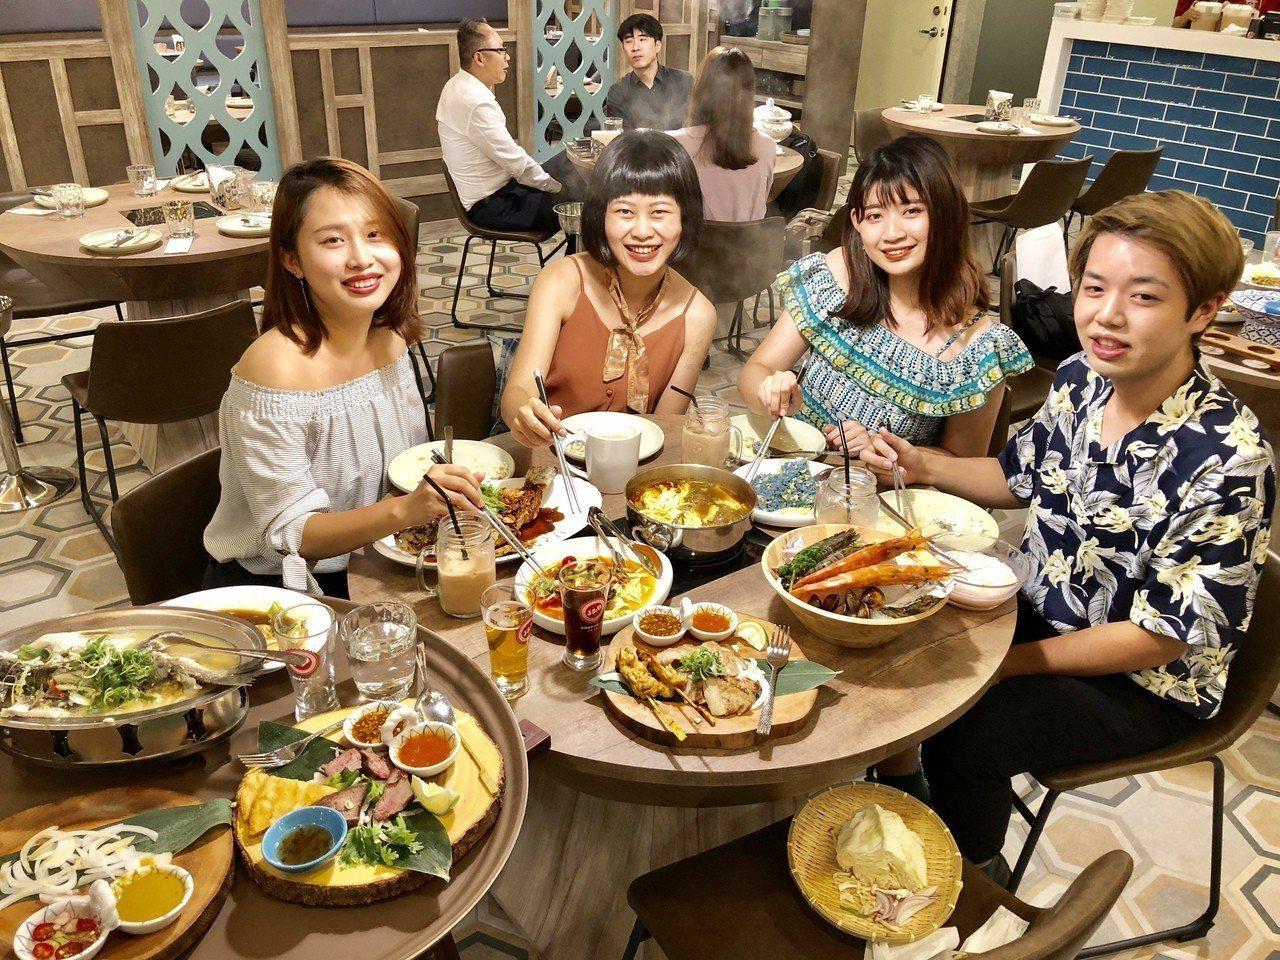 以藍象廷泰鍋聞名的品華國際餐飲集團,今日在台中廣三SOGO百貨開出第一家「意思泰...